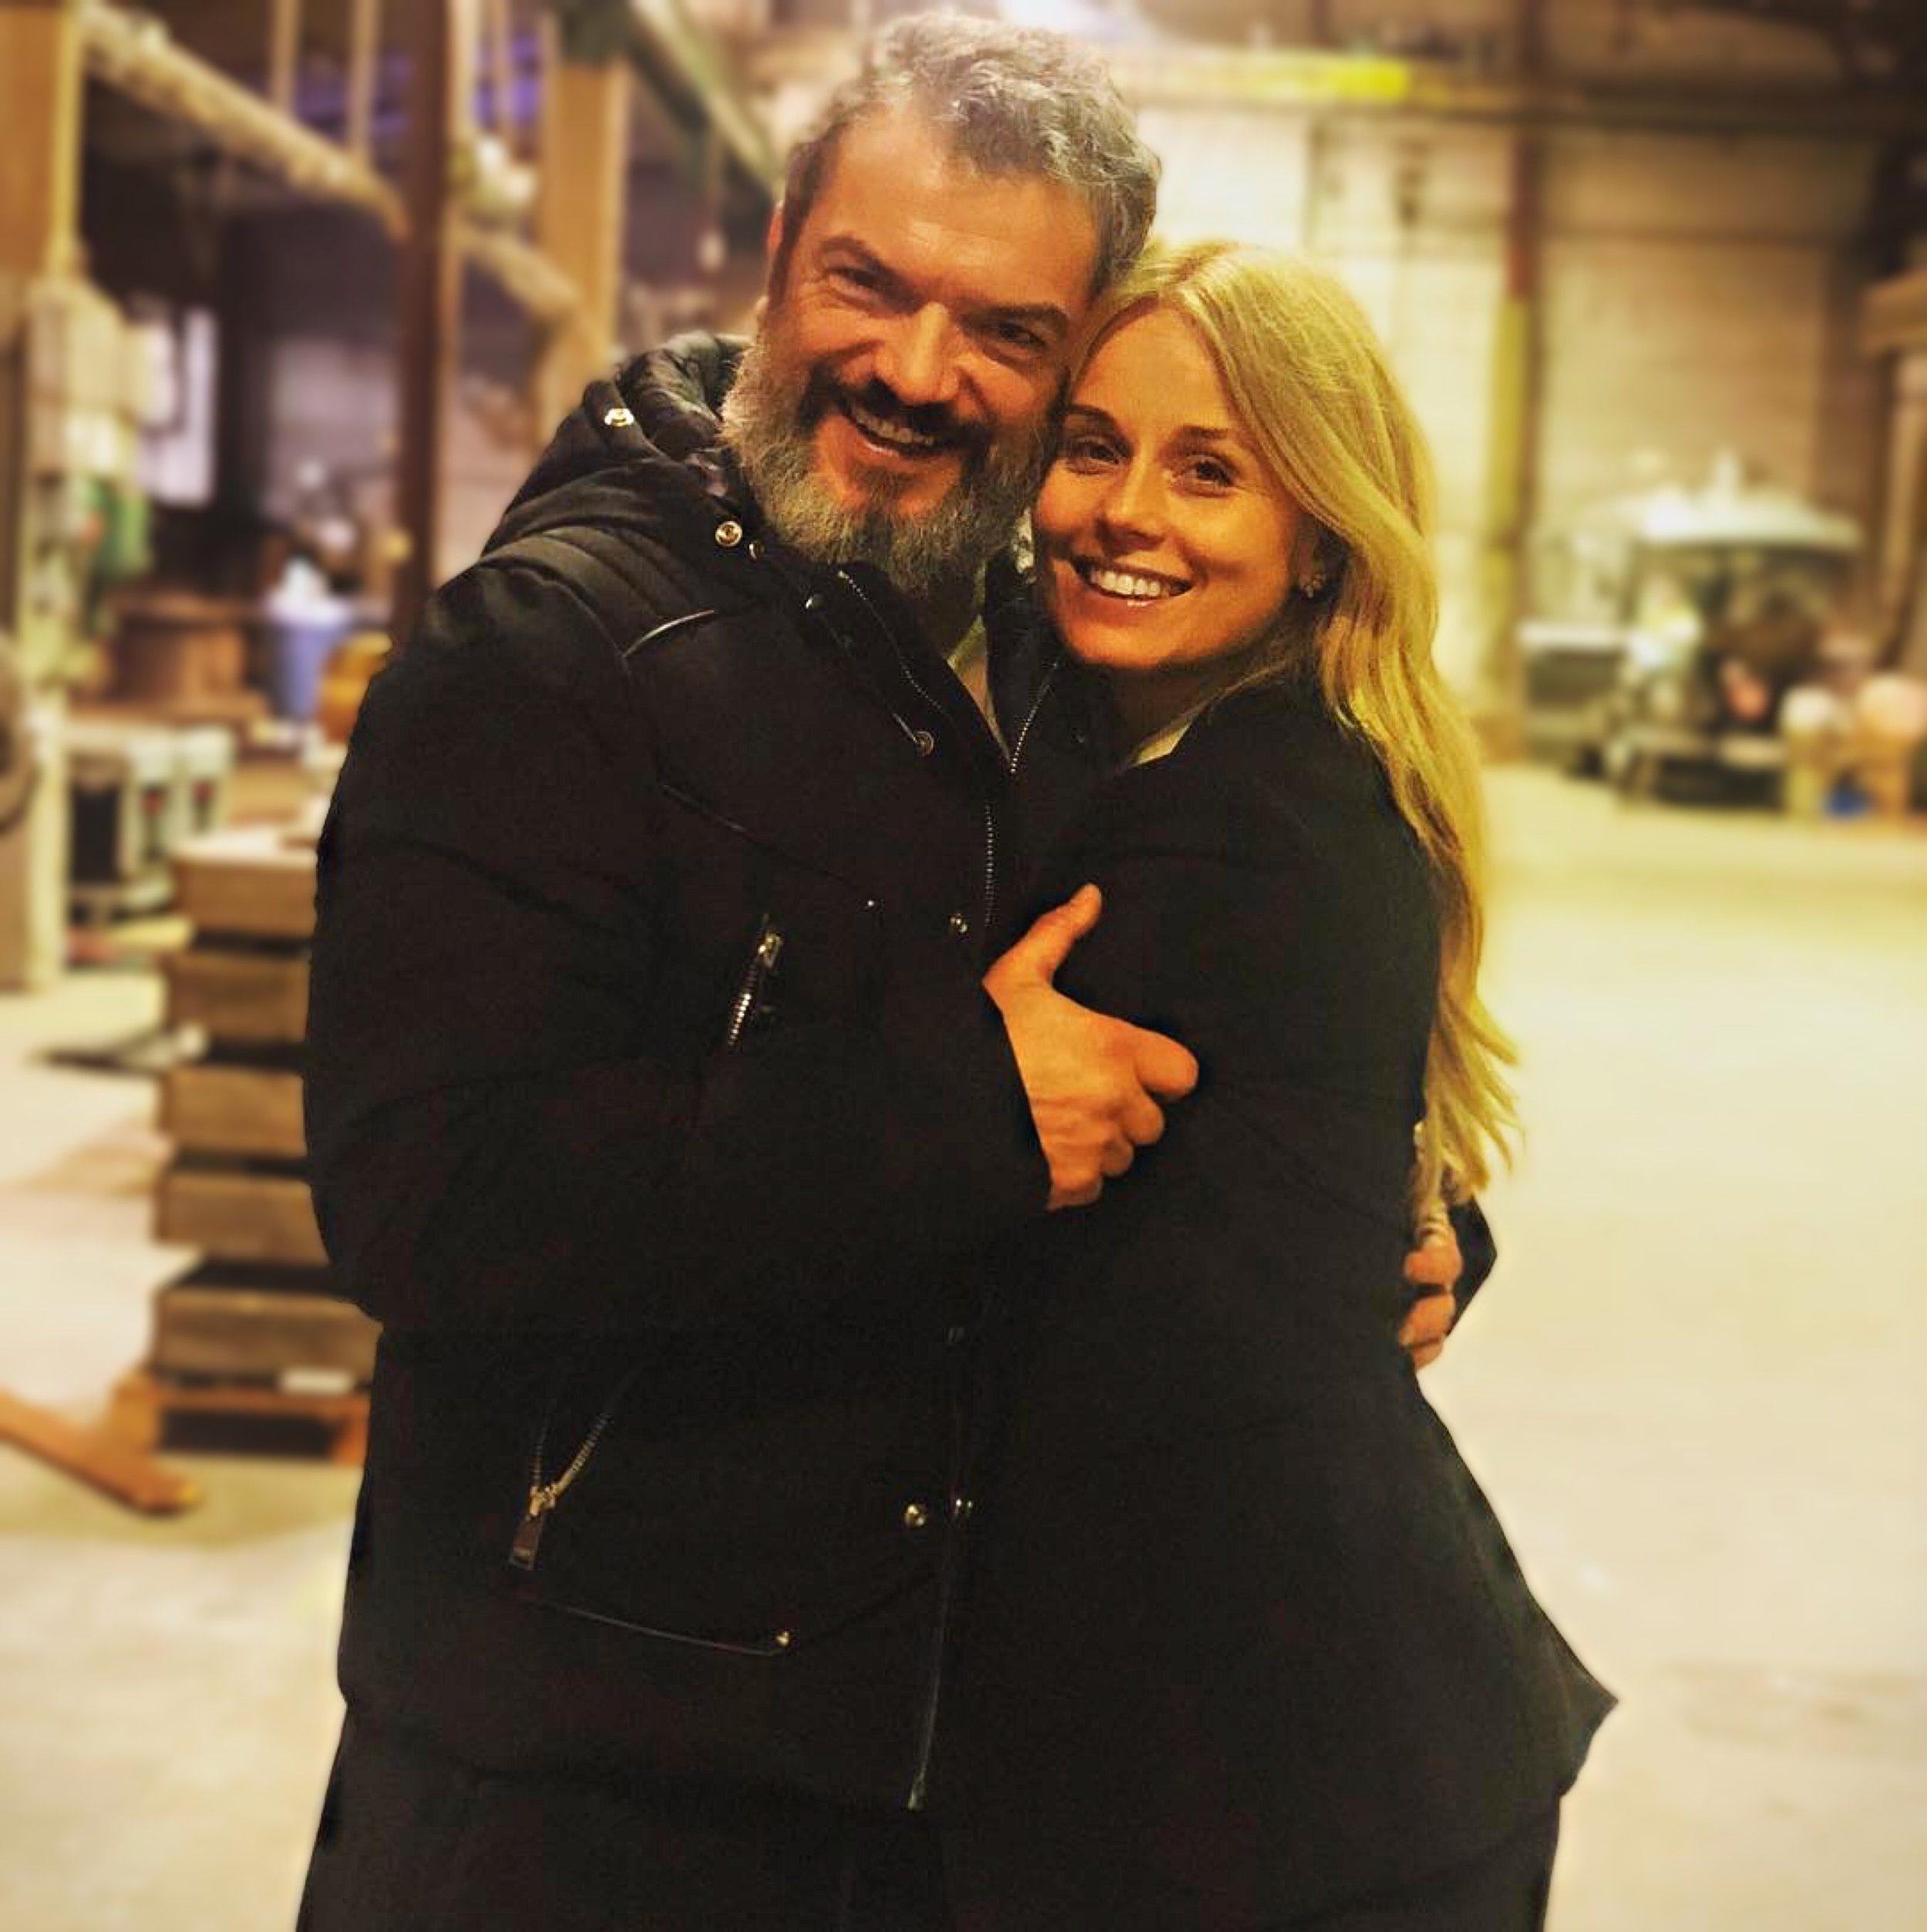 Dragomir Mrsic & Helena Af Sandeberg på inspelningen av ALEX säsong 2. Foto: Instagram / Dragomir Mrsic / Helena Af Sandeberg